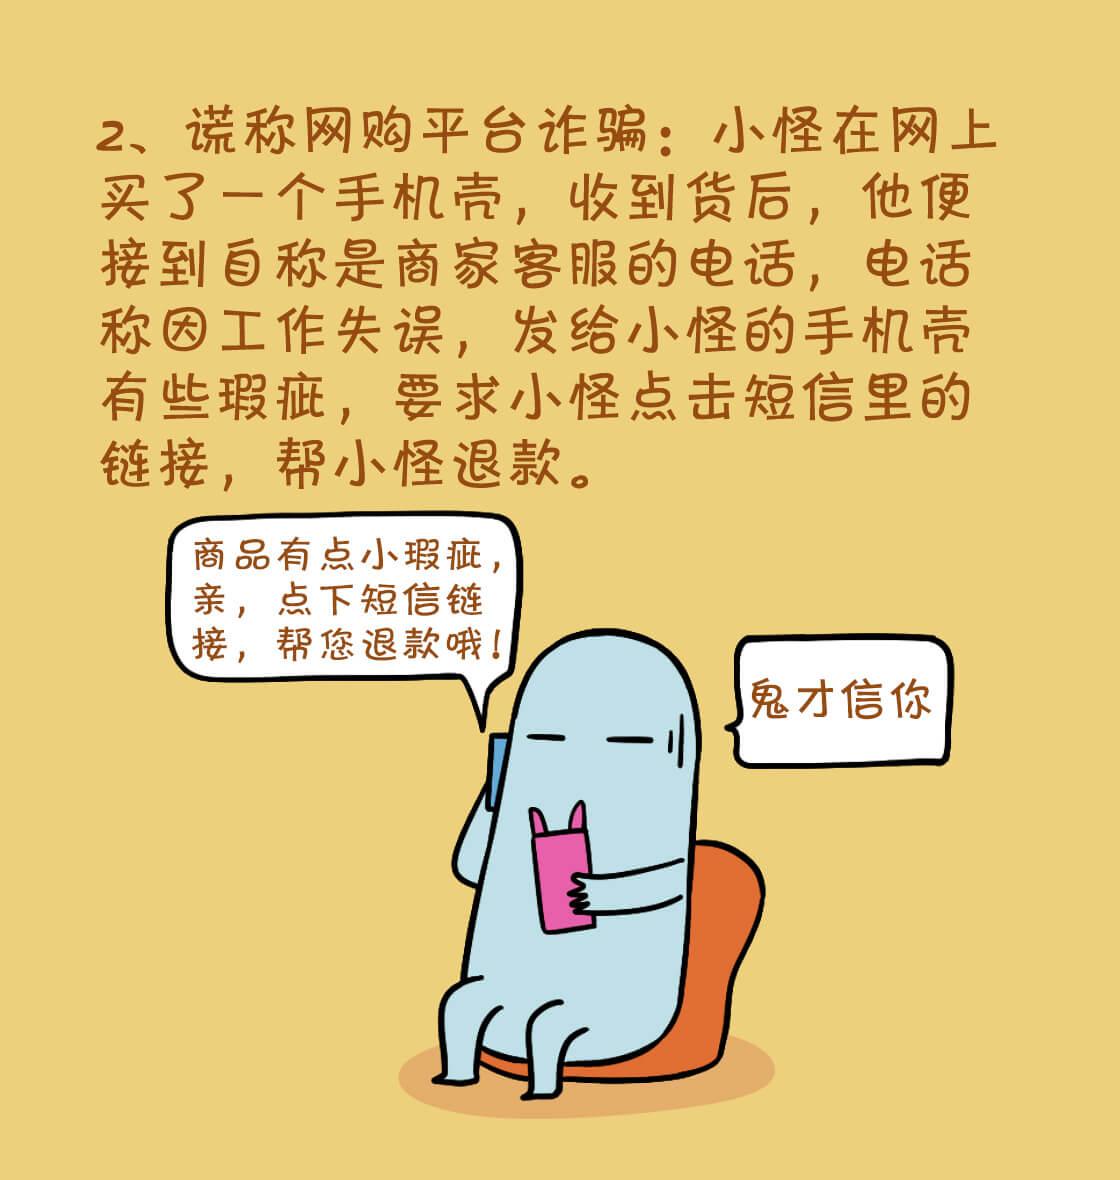 【小天漫画】年底防骗指南—警惕电信诈骗5